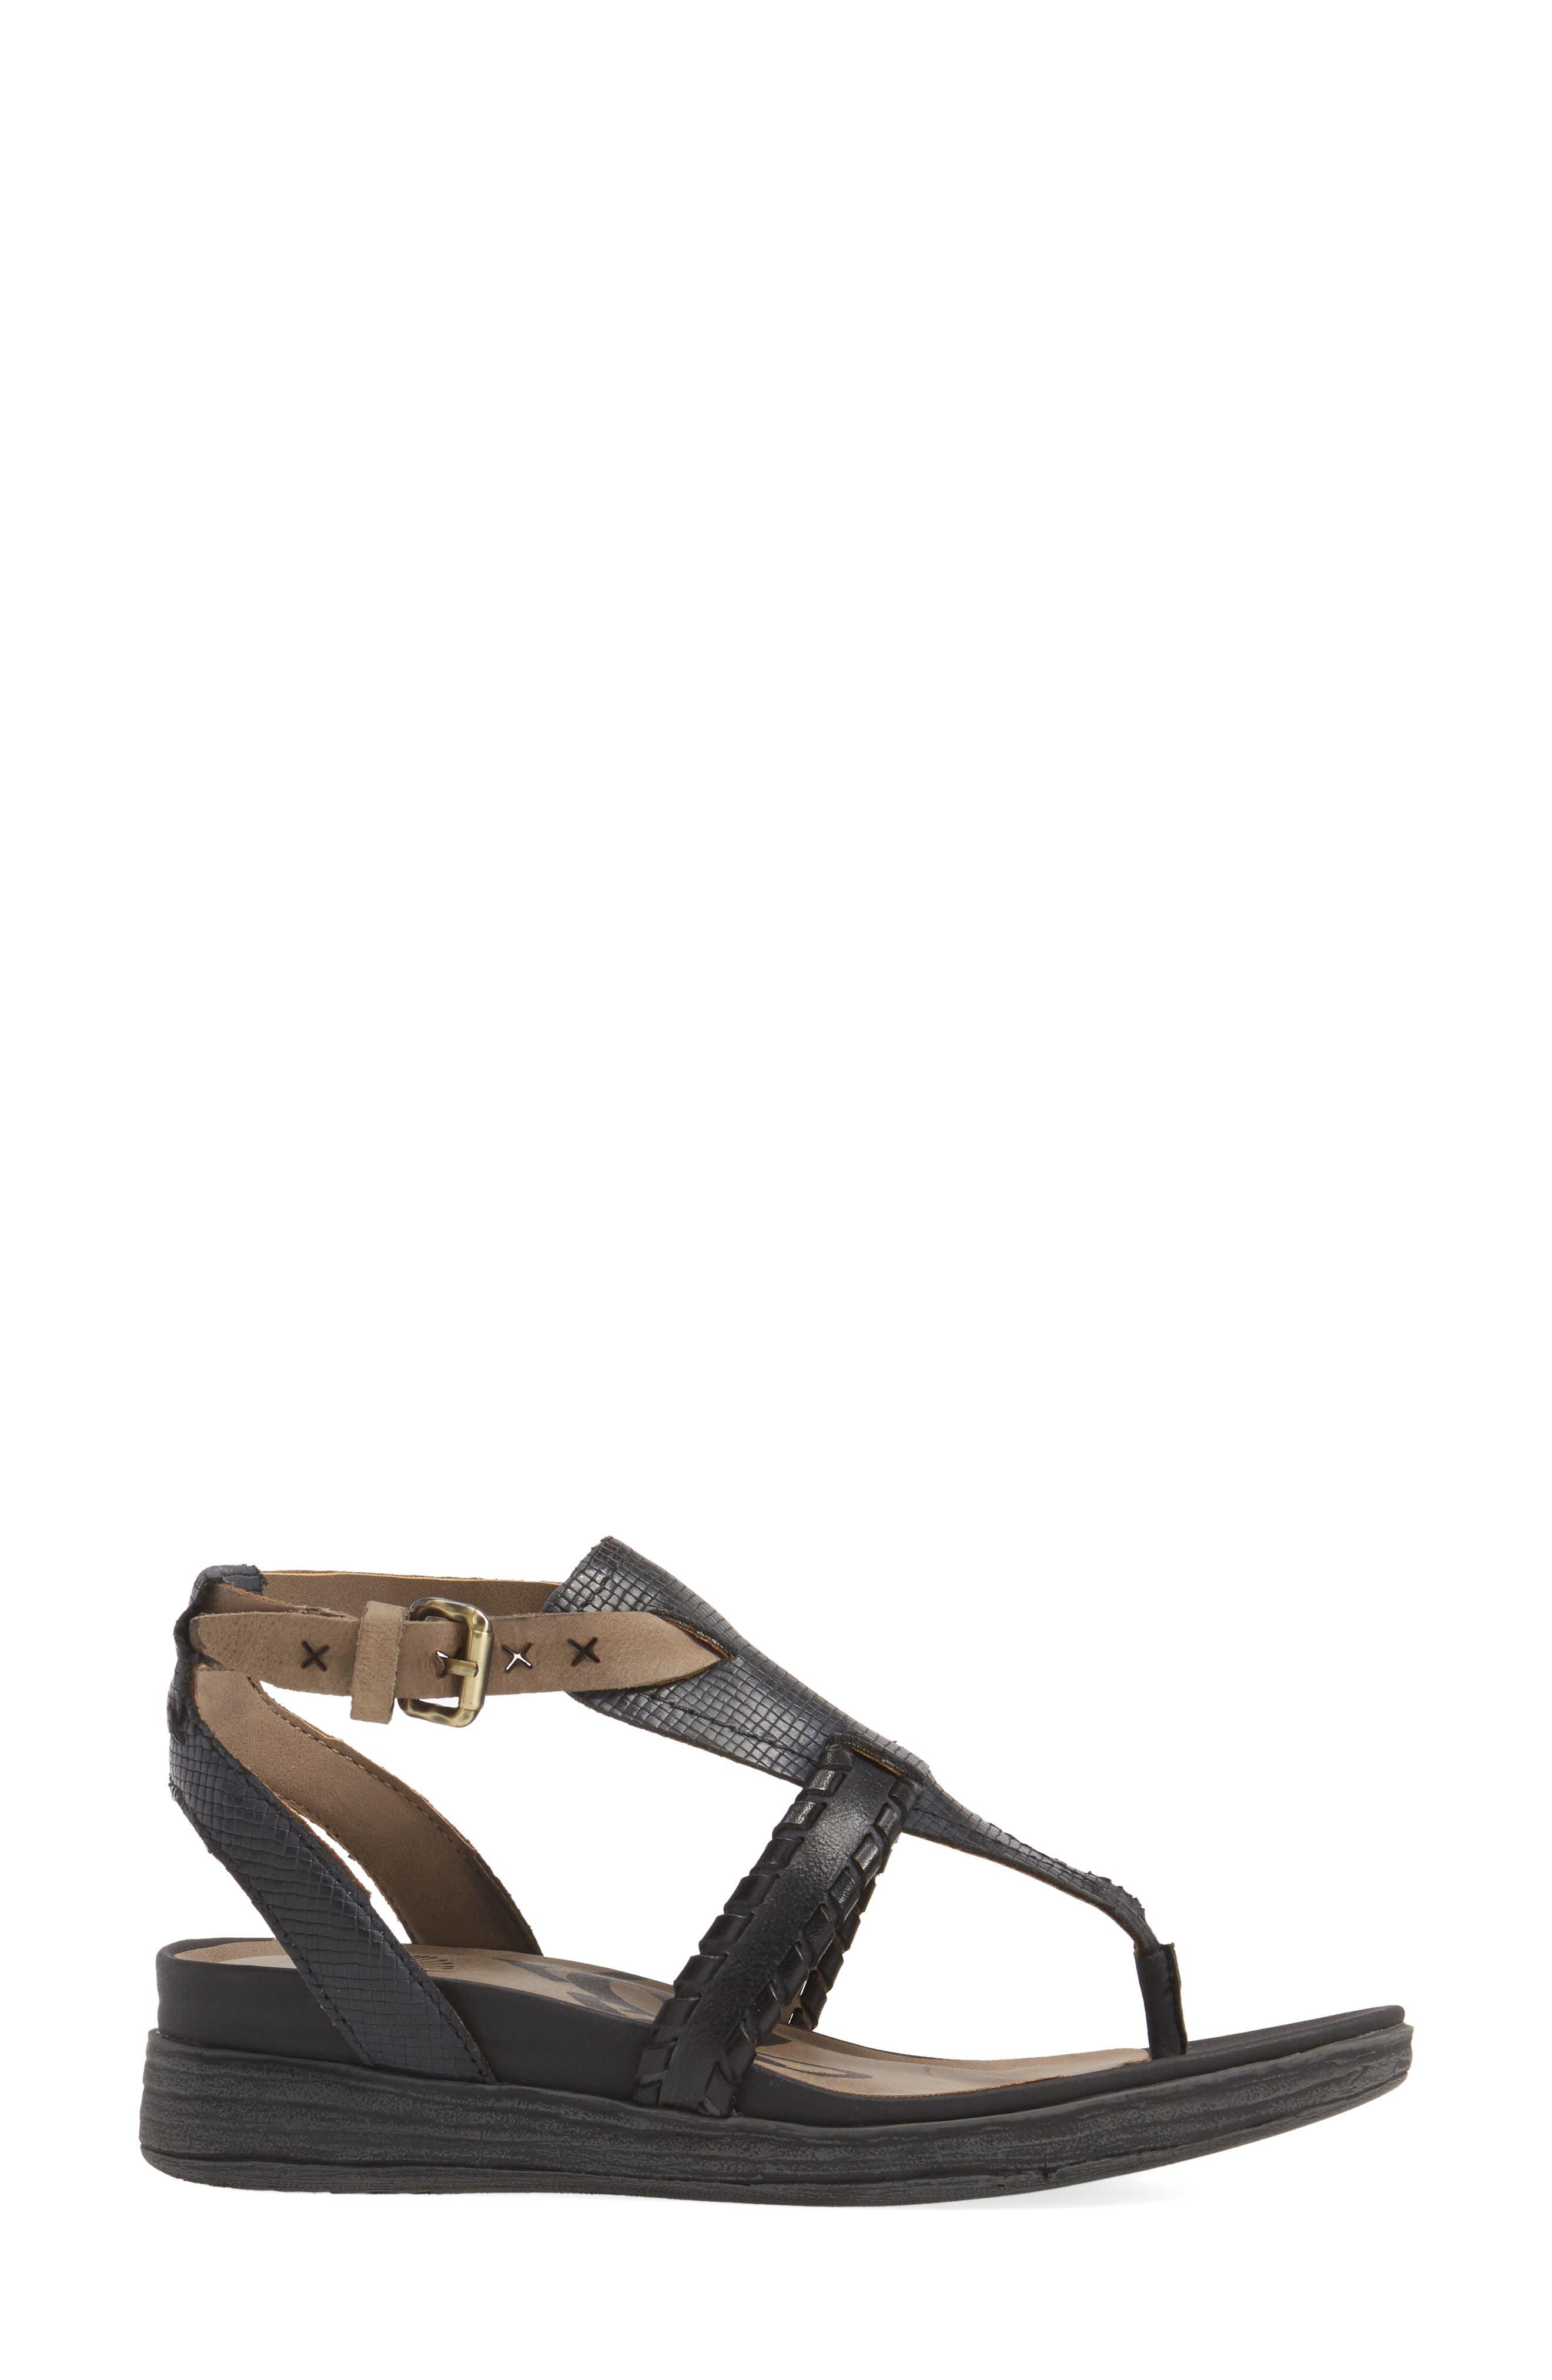 Celestial V-Strap Wedge Sandal,                             Alternate thumbnail 3, color,                             001